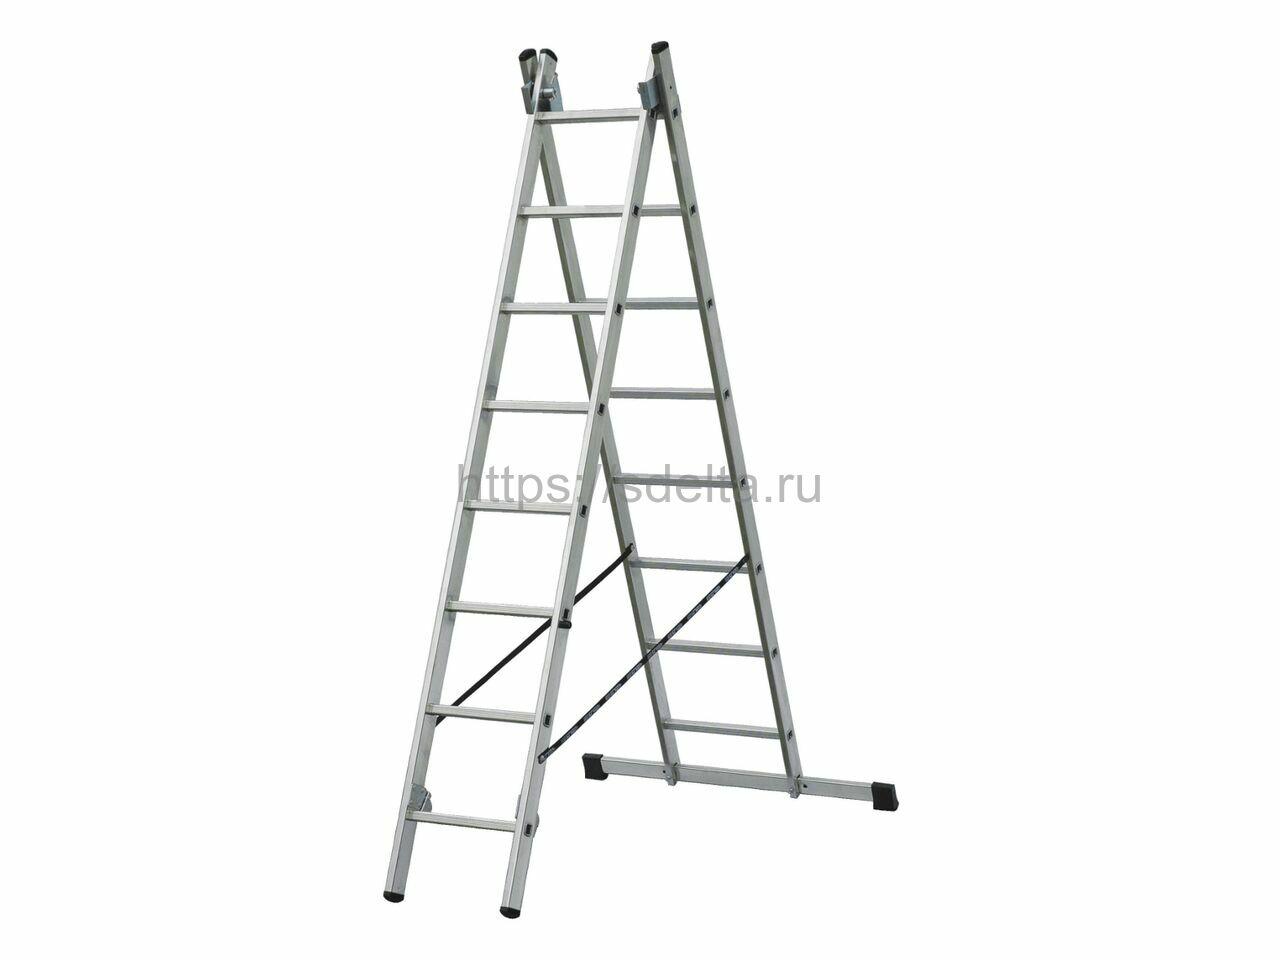 Двухсекционная алюминиевая лестница-стремянка ELKOP VHR 2x6 HK